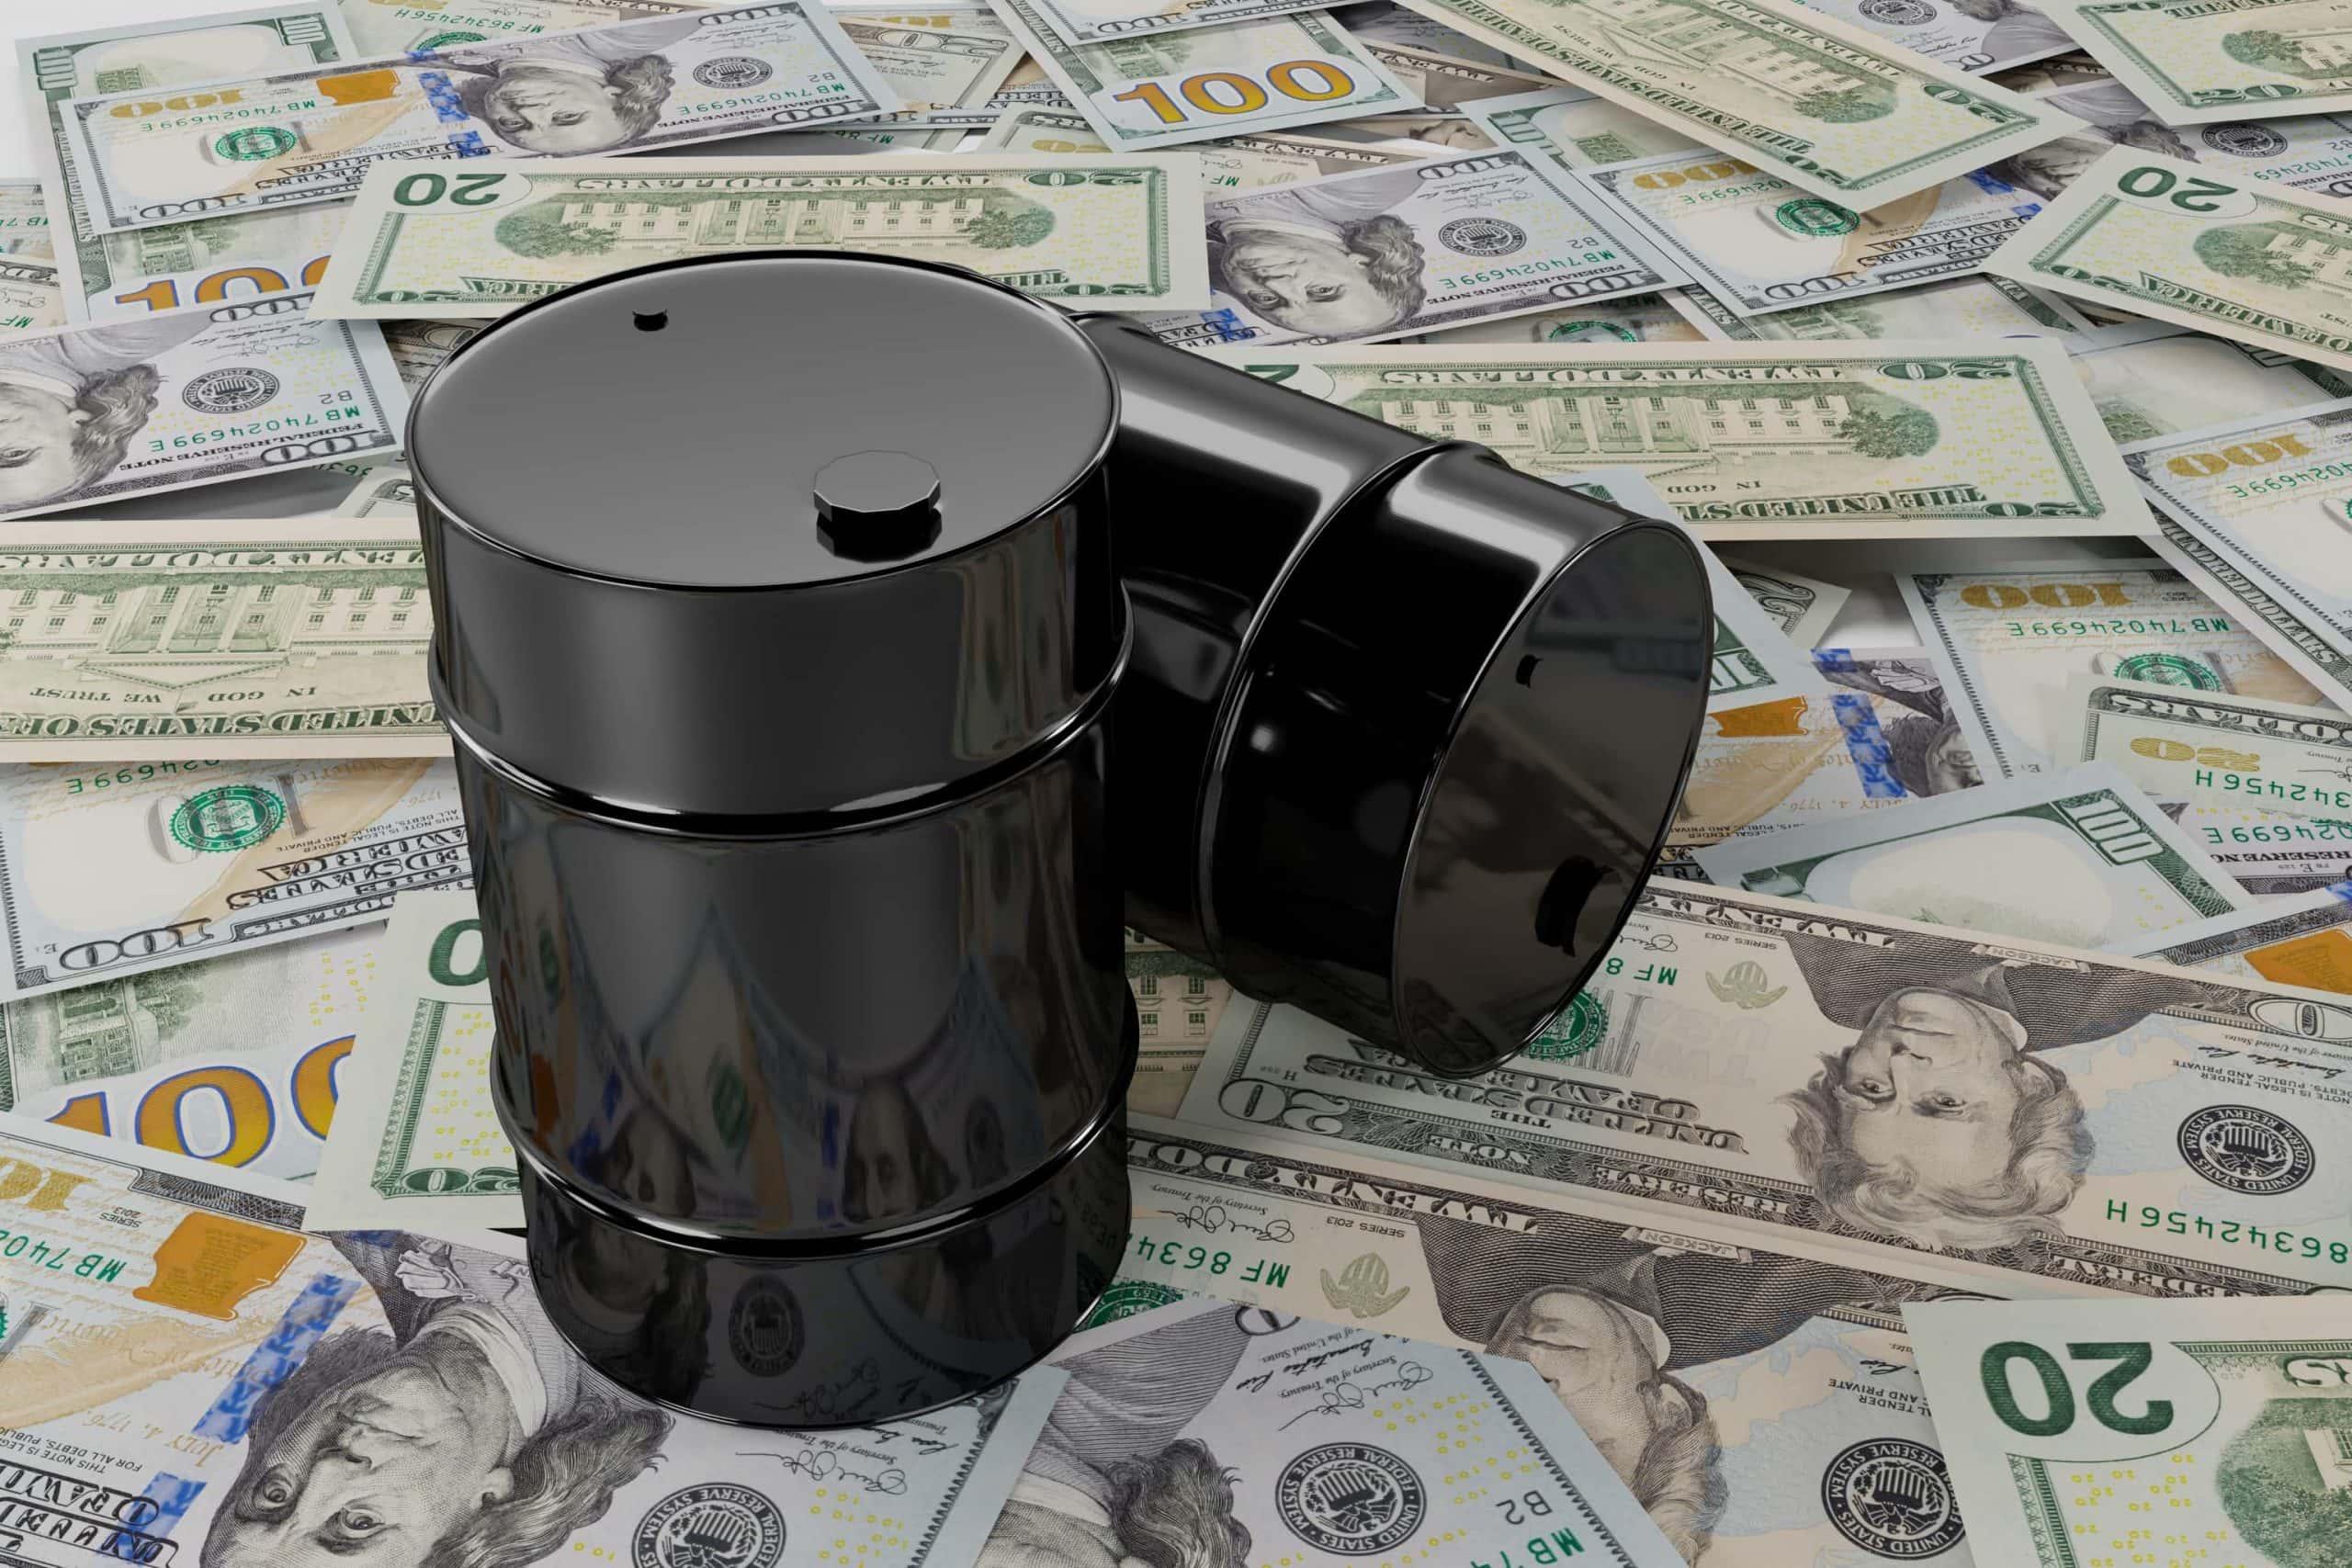 Zwei Miniatur-Ölfässer auf einem Haufen US-Dollar-Noten